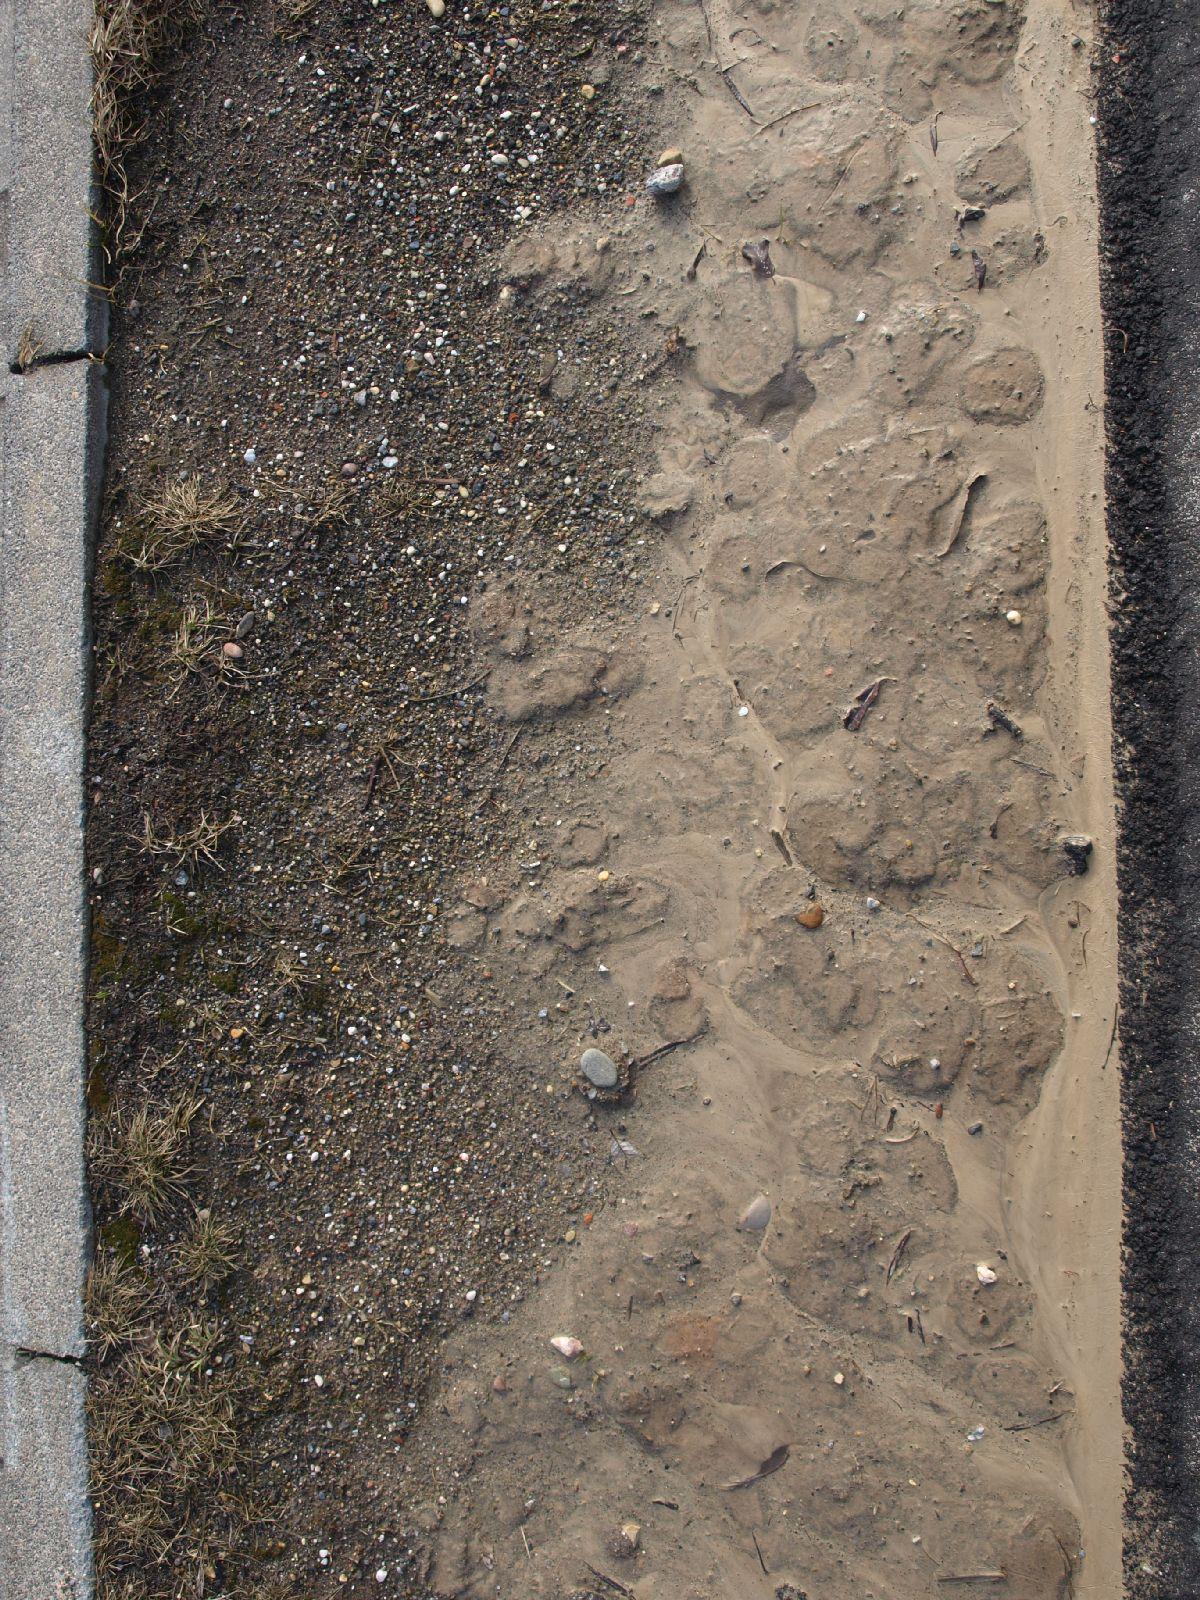 Ground-Urban_Texture_A_P3071193